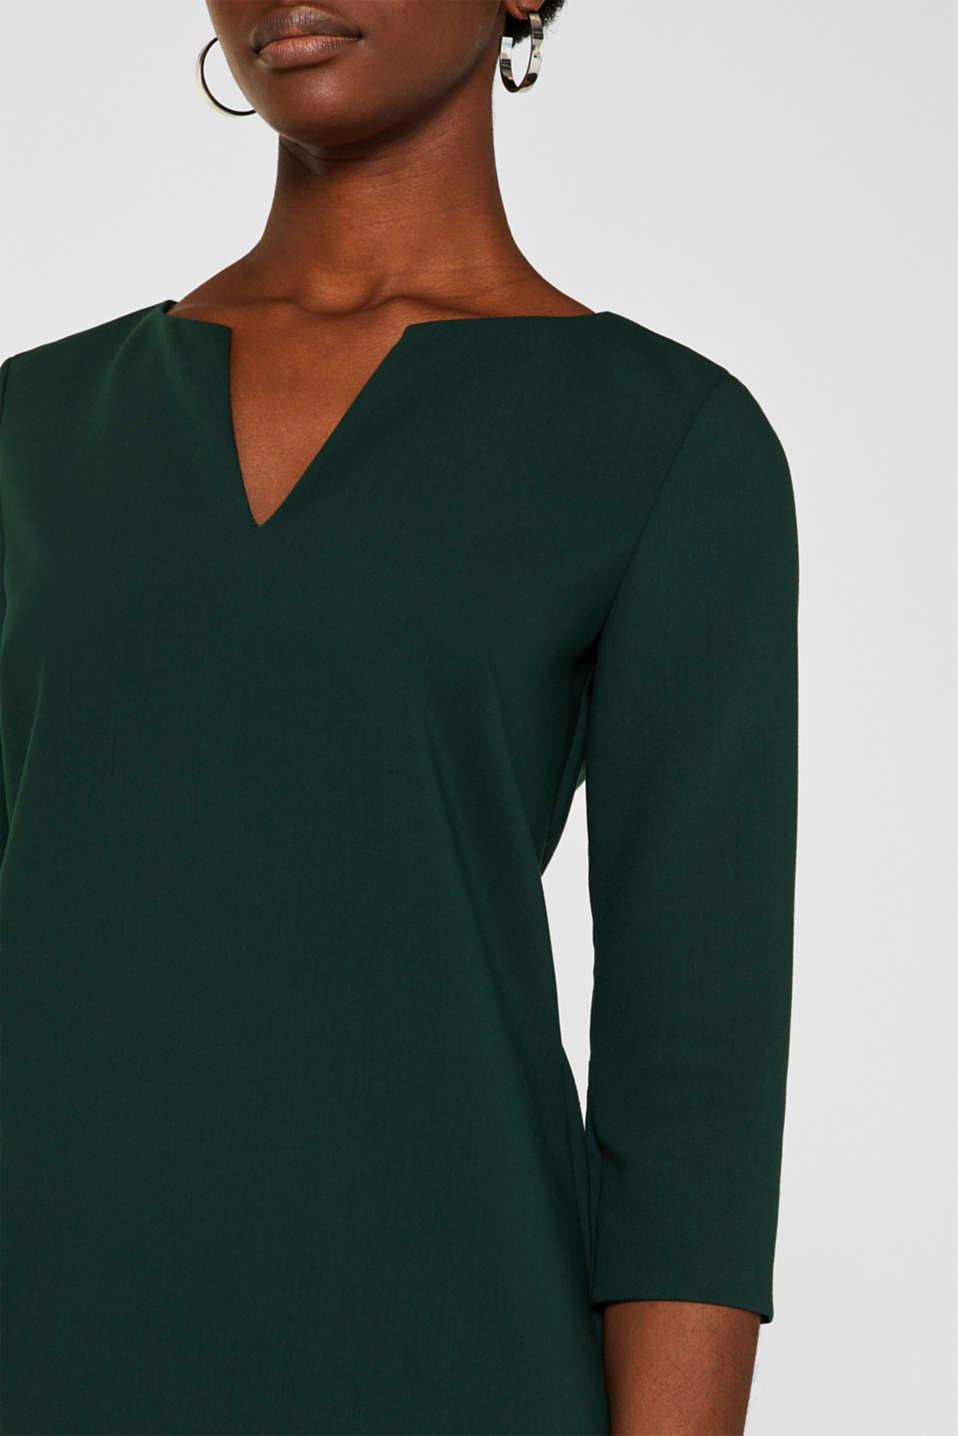 V-neck shift dress, DARK TEAL GREEN, detail image number 2